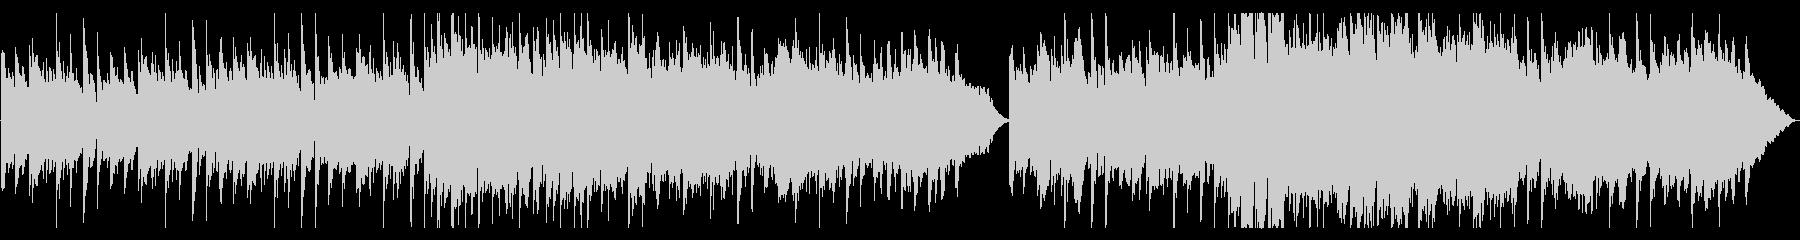 アコギが印象的な優しく切ない雰囲気の曲の未再生の波形